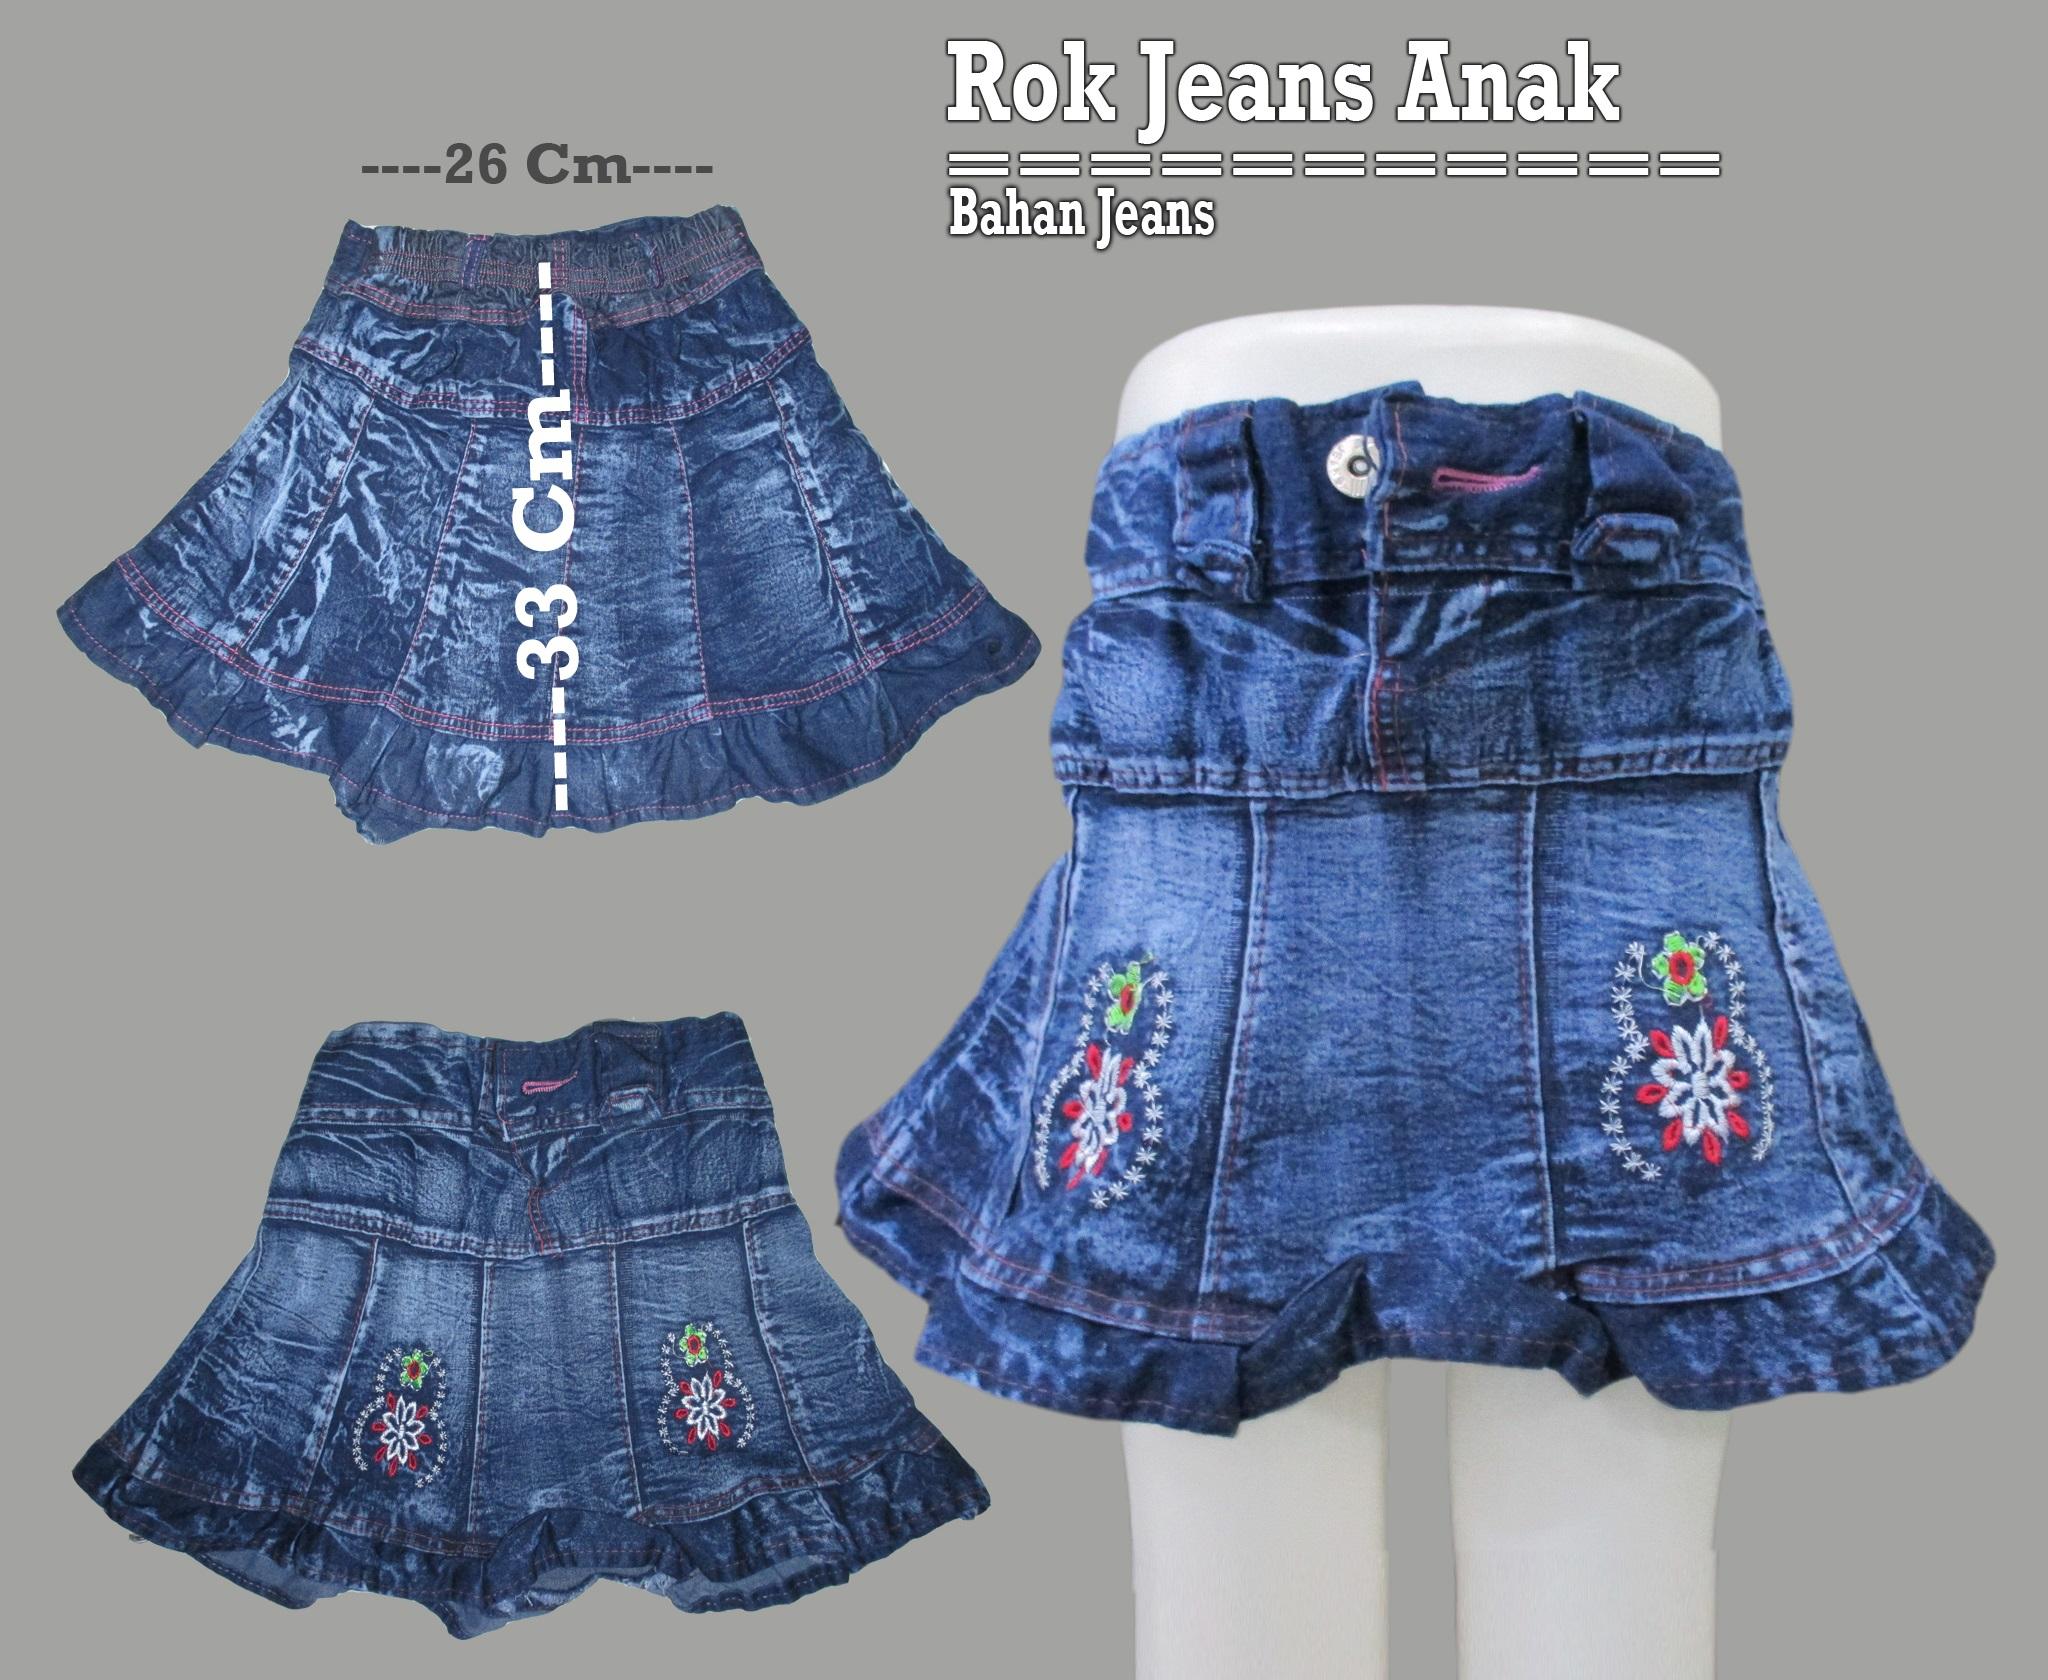 Pusat Grosir Baju Murah Solo Klewer 2019 Pusat Grosir Rok Jeans Anak Terbaru Murah di Solo 17Ribuan